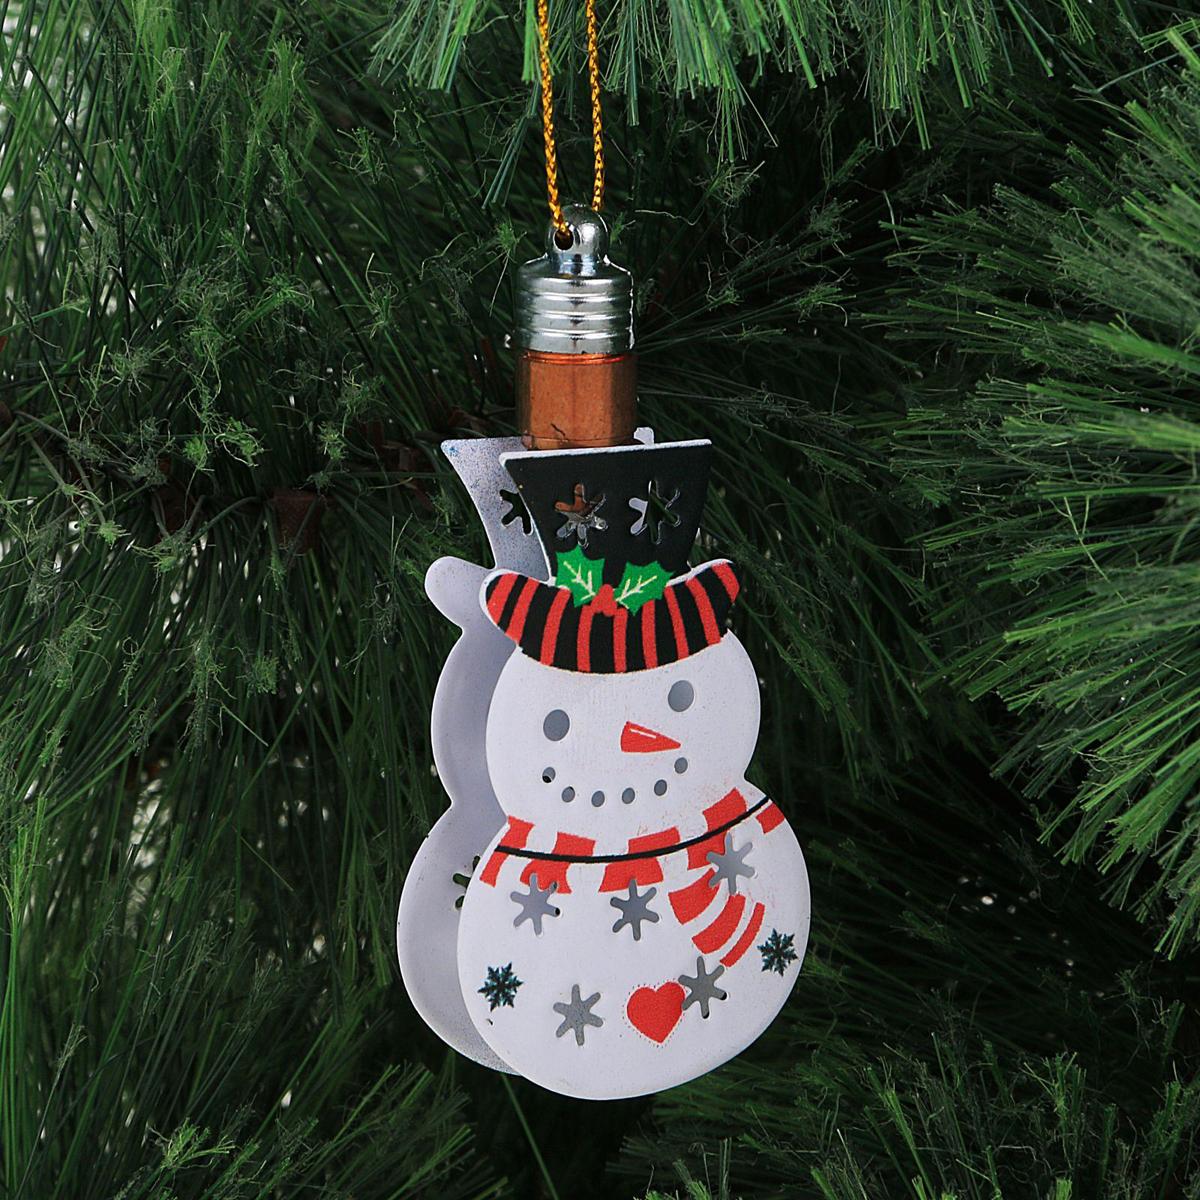 Украшение новогоднее подвесное Luazon Lighting Снеговик, световое, 8,5 см2327184Световая новогодняя подвеска Luazon Lighting выполнена из металла в виде снеговика. Елочное украшение выглядит как простая елочная игрушка днем, но при этом остается видимой вечером. Просто включите изделие с наступлением темноты, и оно украсит елку огоньками. Подвеска Luazon Lighting работает от батареек (входят в комплект) и пожаробезопасна, так как светодиоды не нагреваются, в отличие от ламп накаливания.